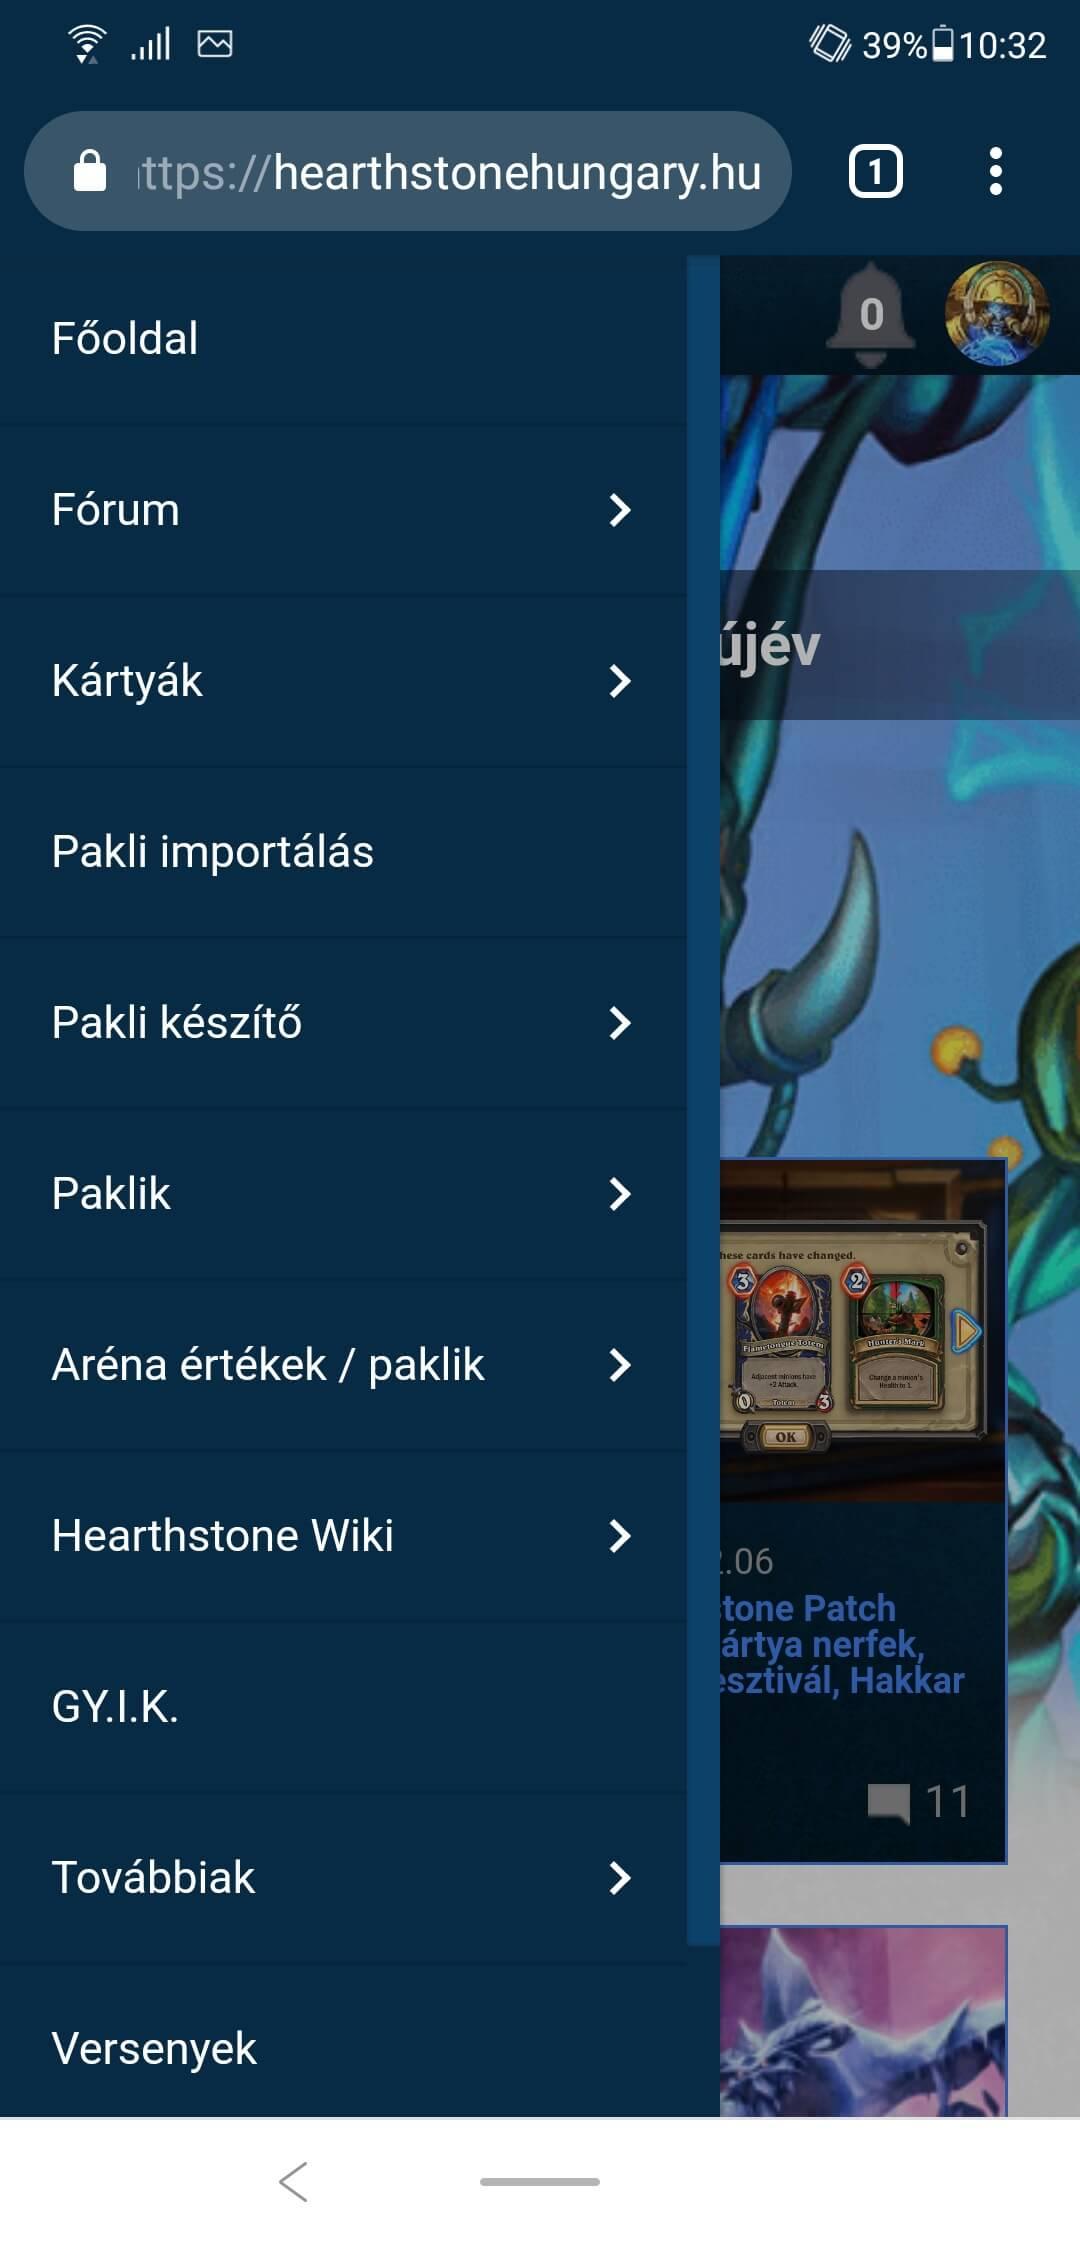 Hearthstone Hungary mobilmenü